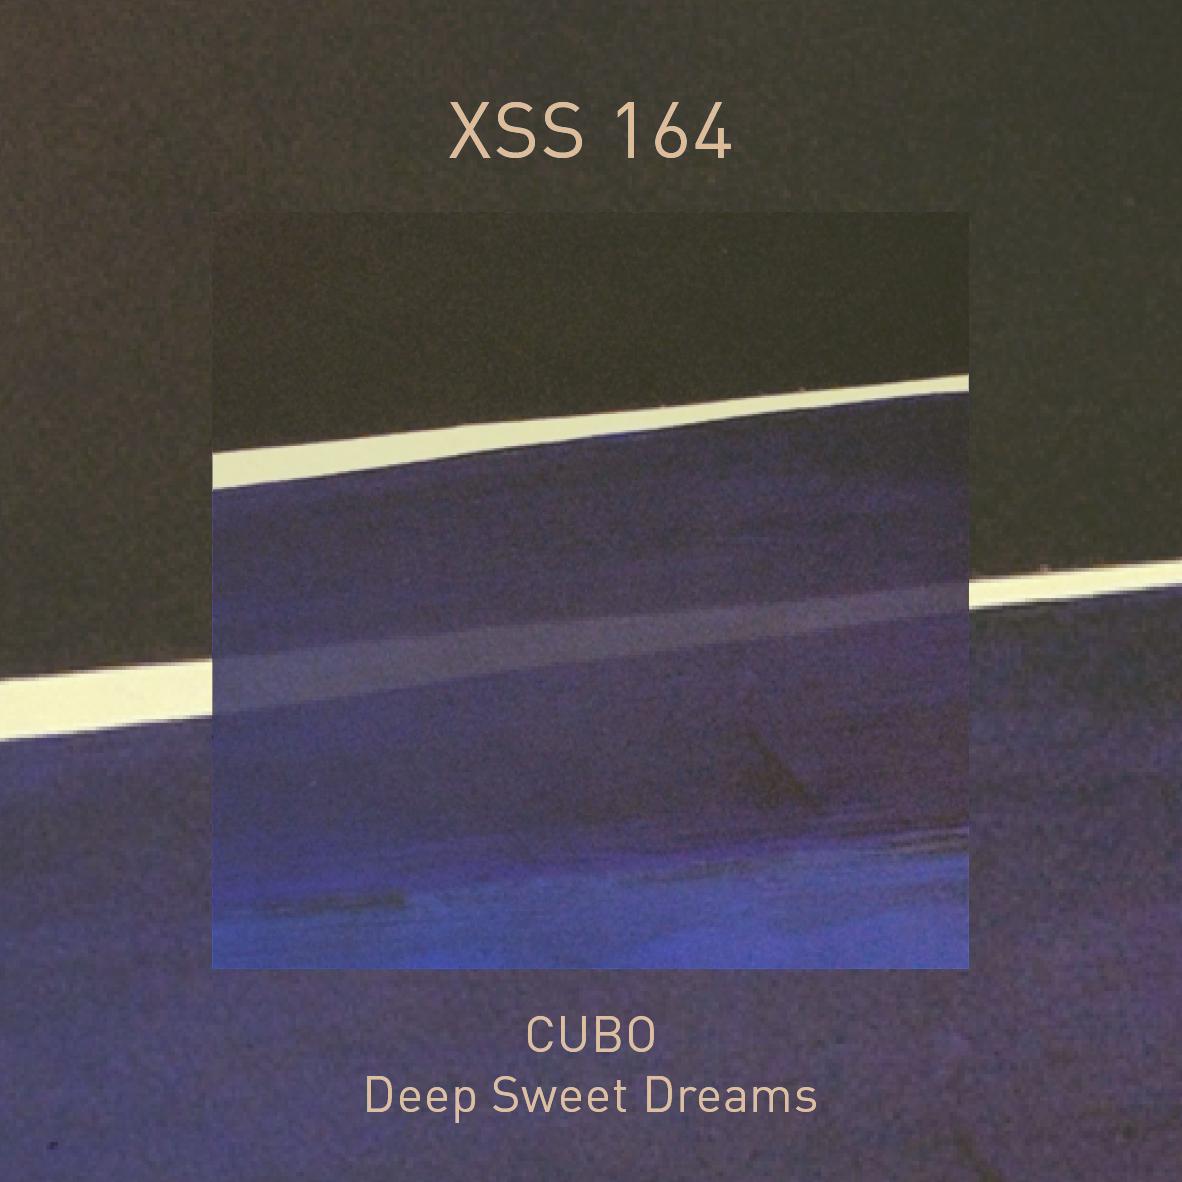 XSS164 | Cubo | Deep Sweet Dreams